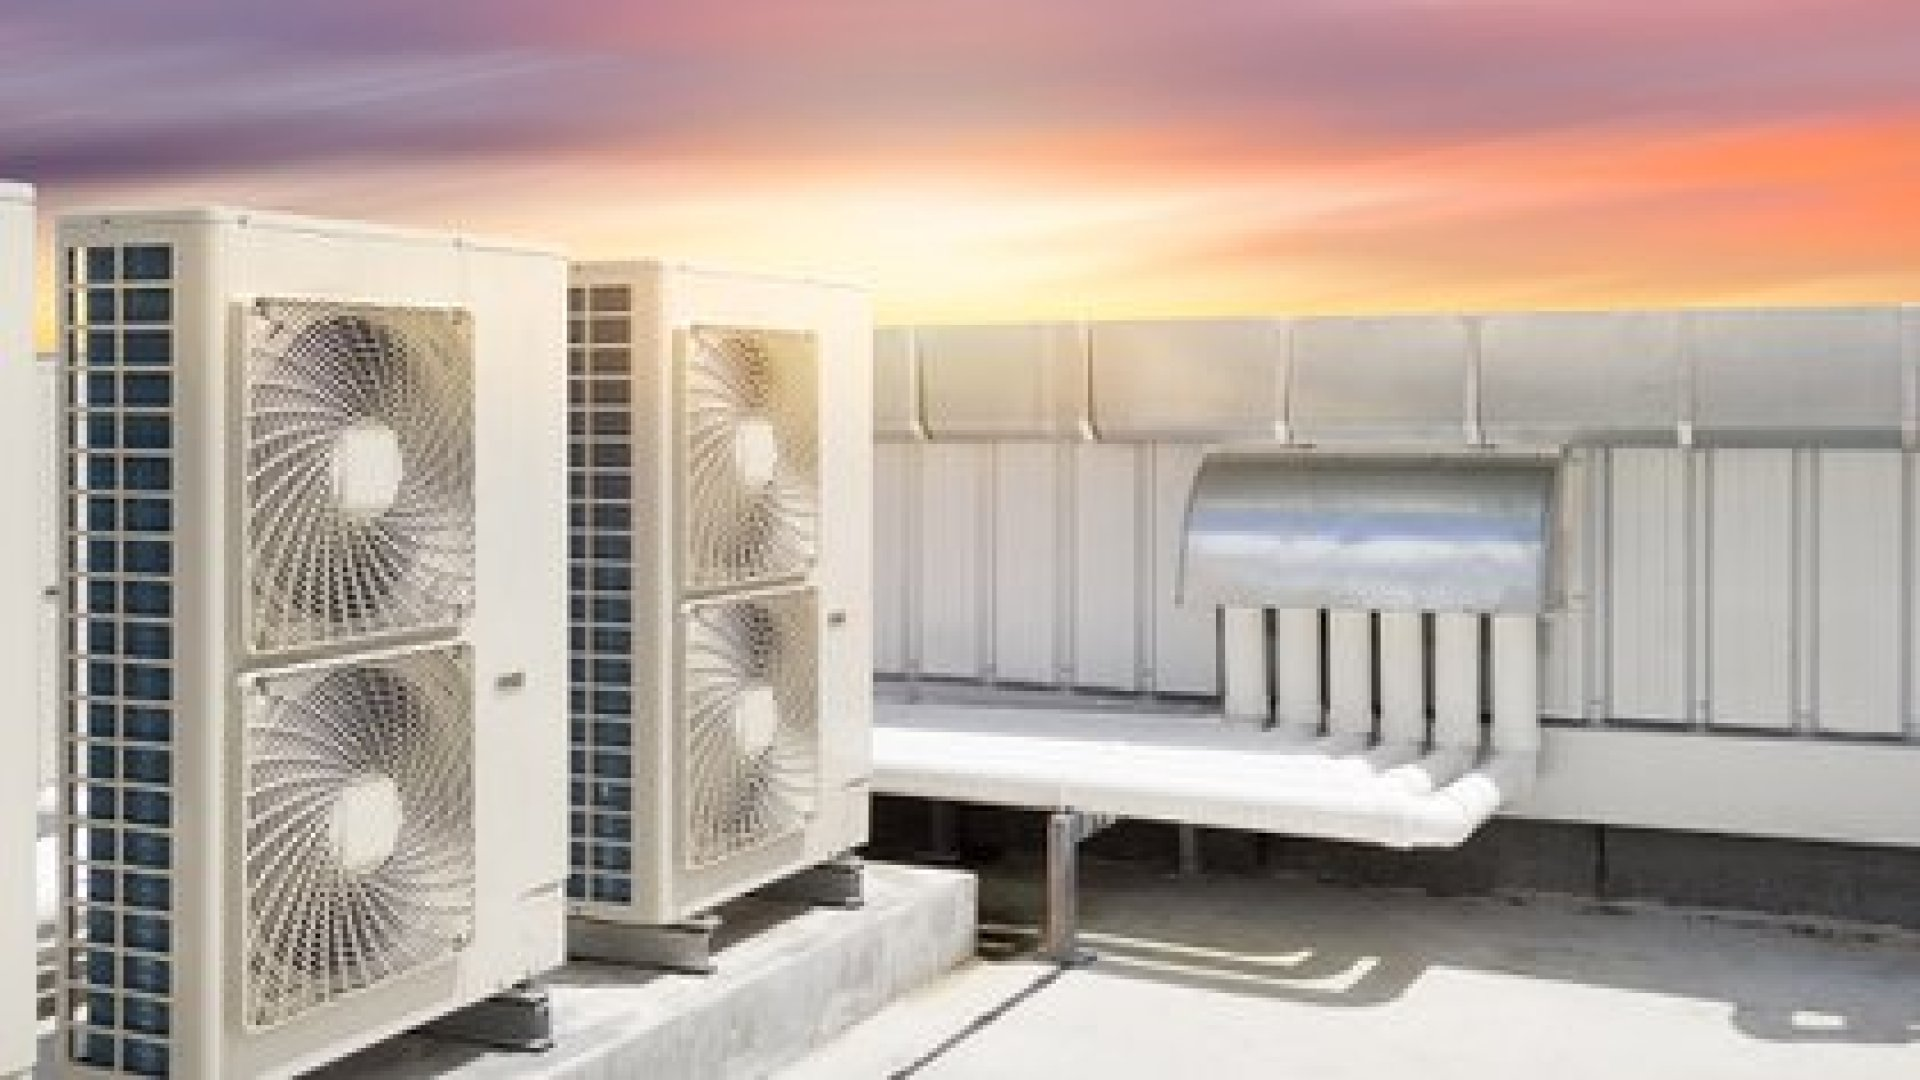 José Luis Jiménez advierte que los sistemas de ventilación deben adaptarse para poder filtrar el aire de los espacios de manera constante. Si esto no es posible es recomendable evitar estos espacios (Shutterstock)